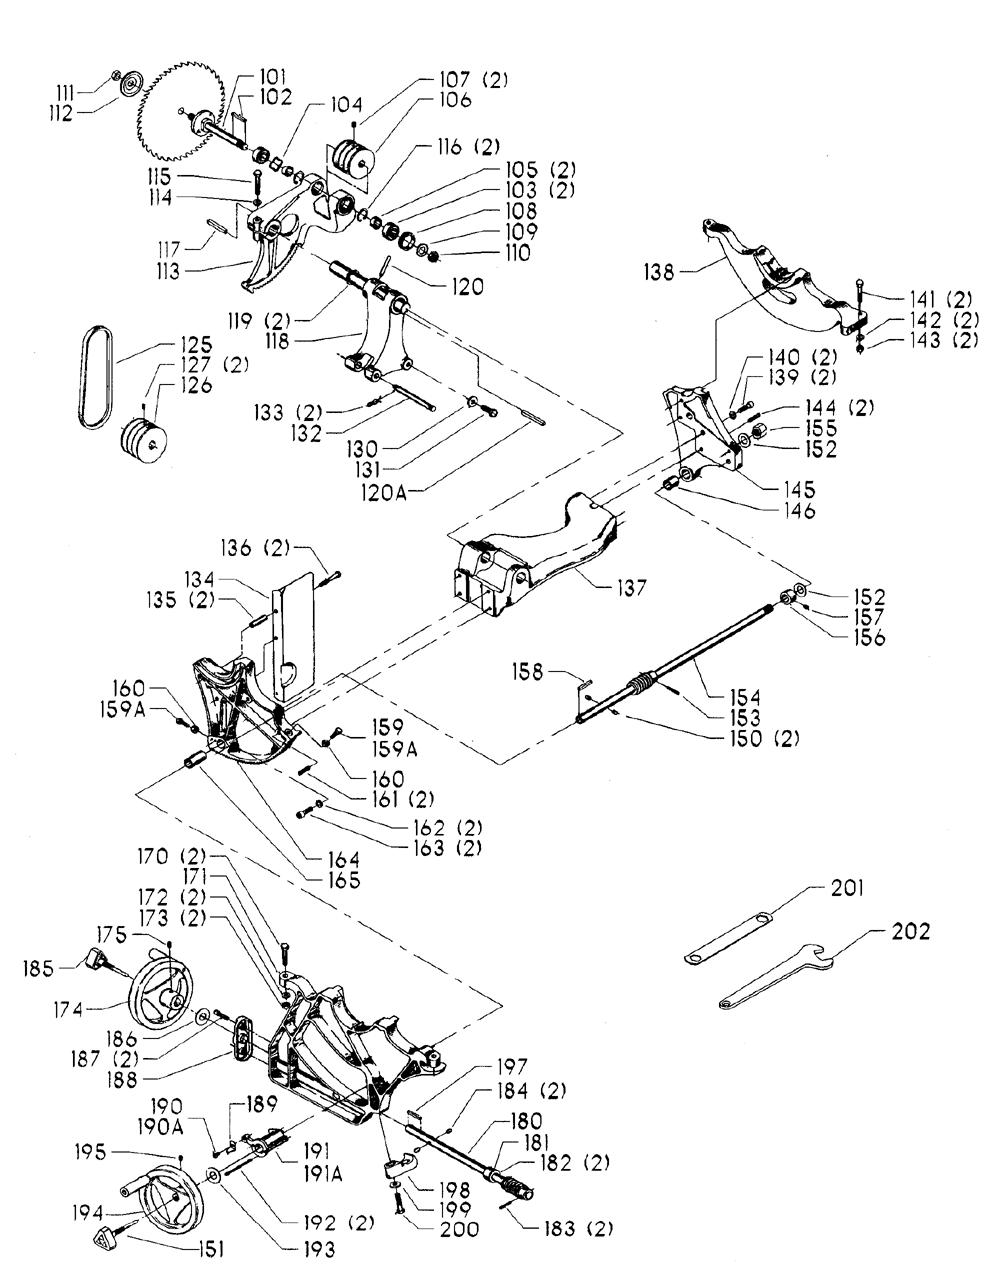 36-830A-Delta-T1-PB-3Break Down